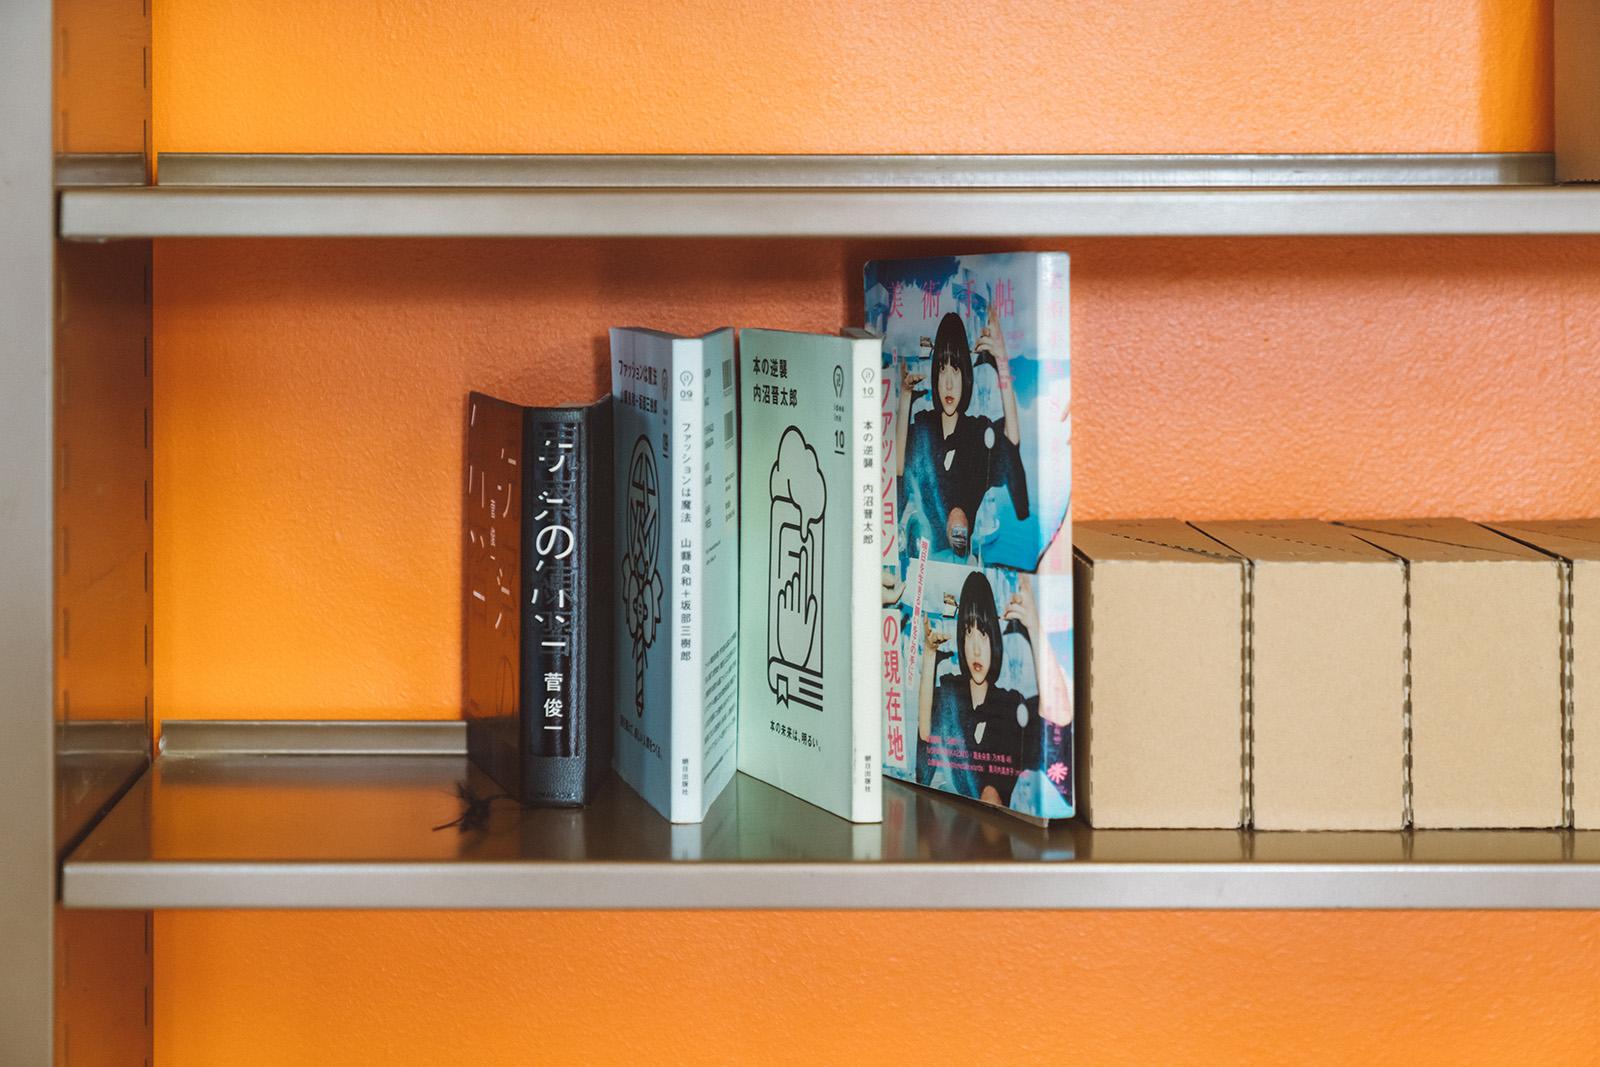 ブックスタンドを本の間に挟み、棚に並べた状態